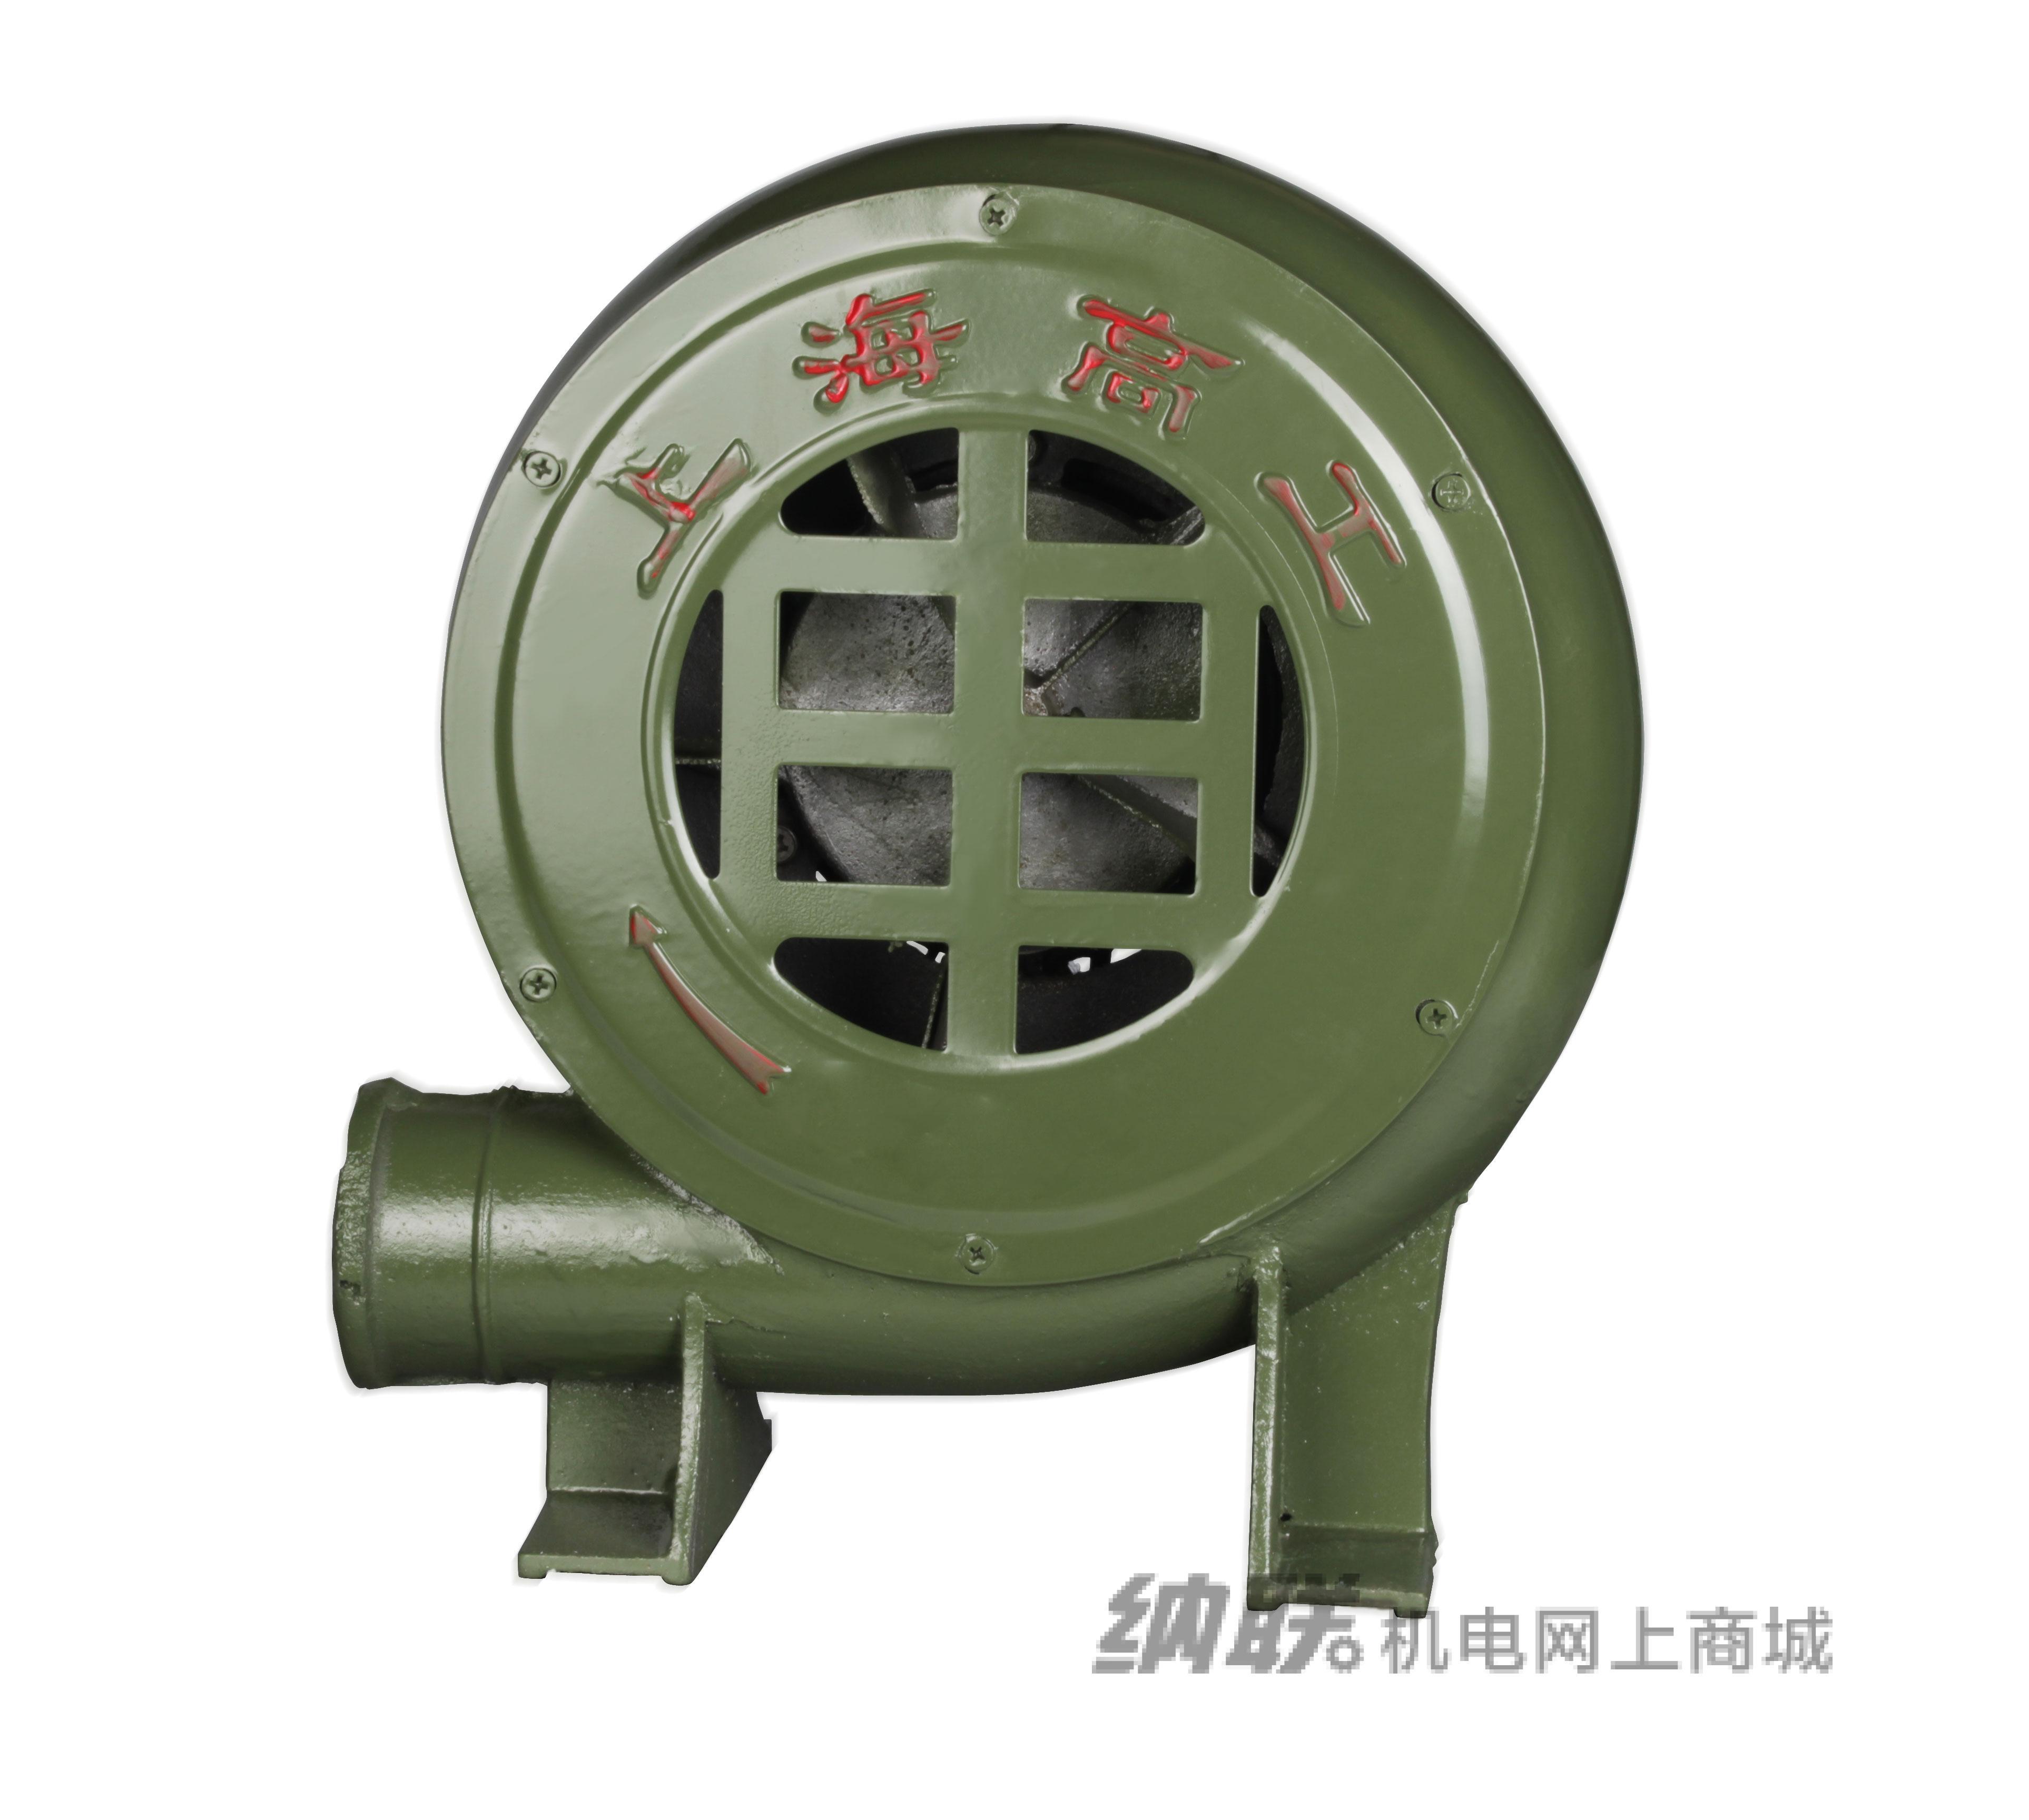 纳联机电 新型离心式鼓风机-X-CZR-80/80W单相